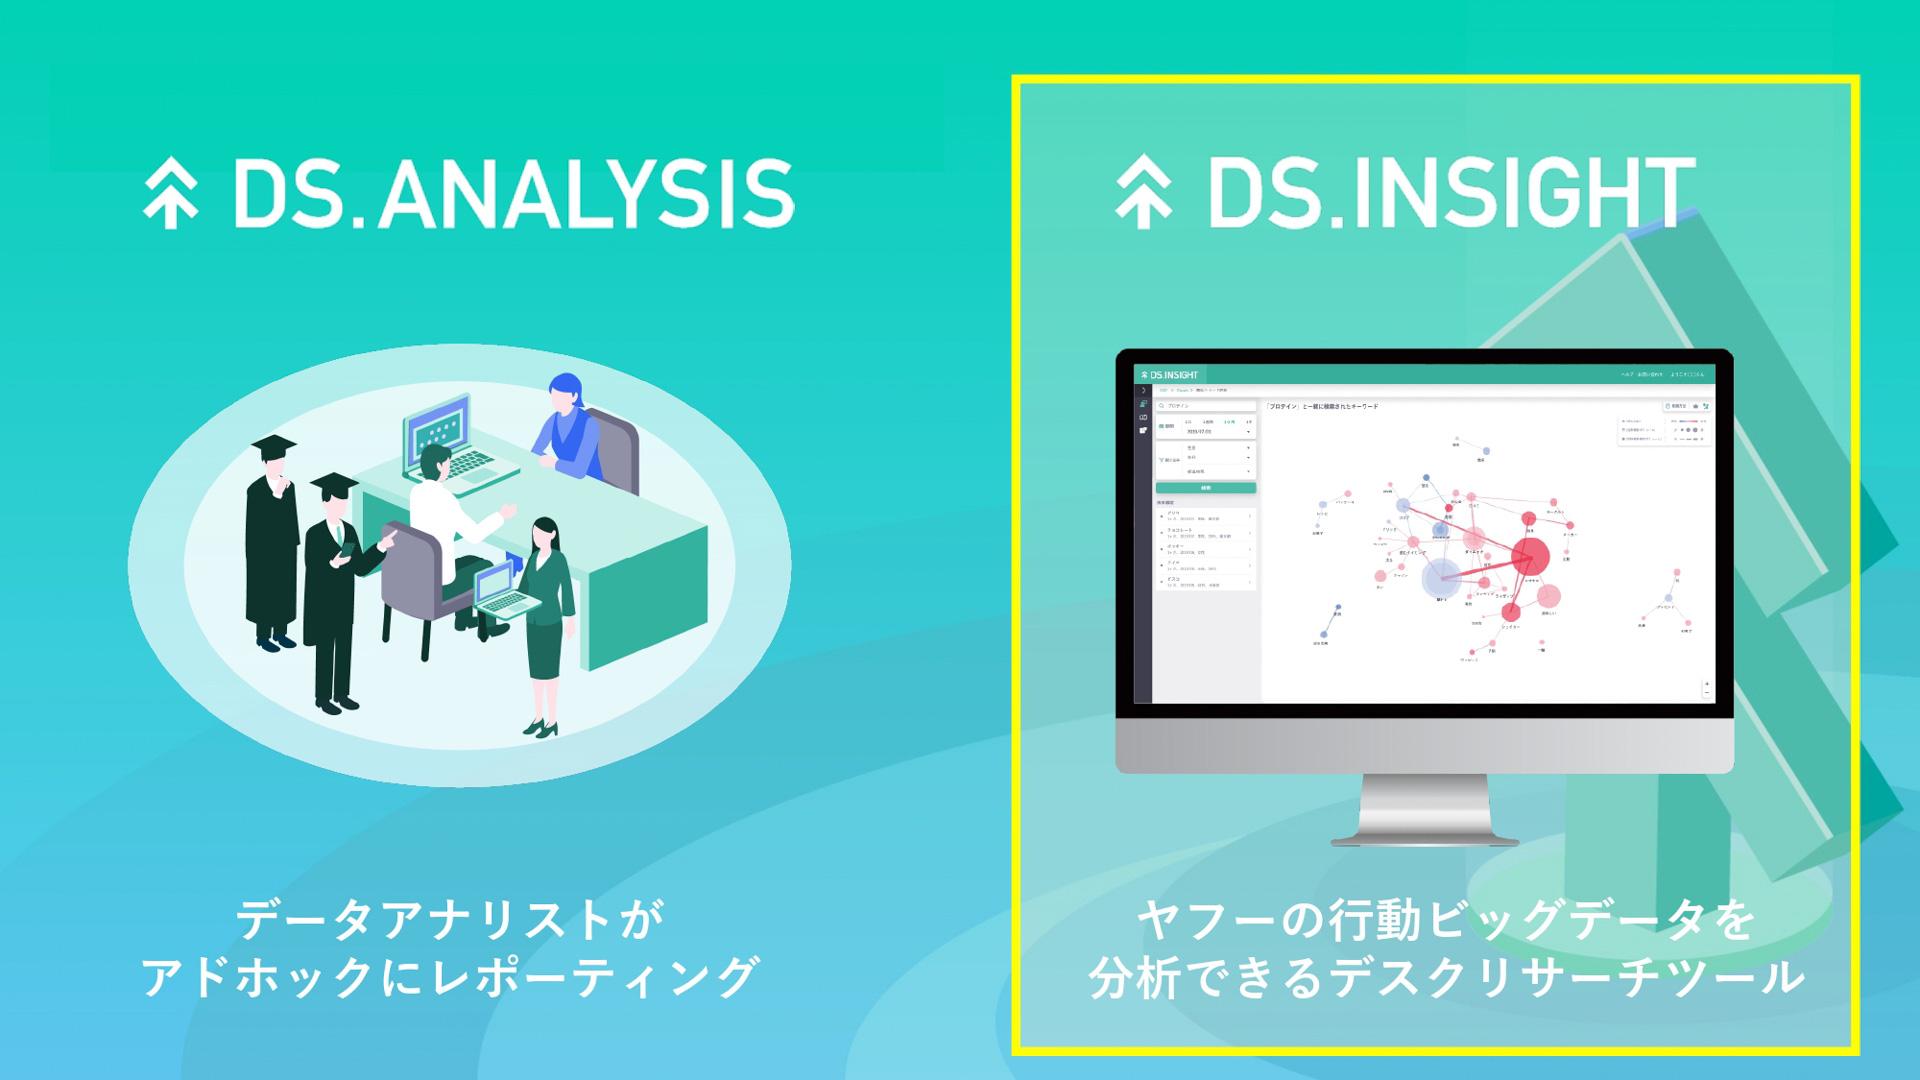 ヤフーで提供するデータソリューションのサービス紹介